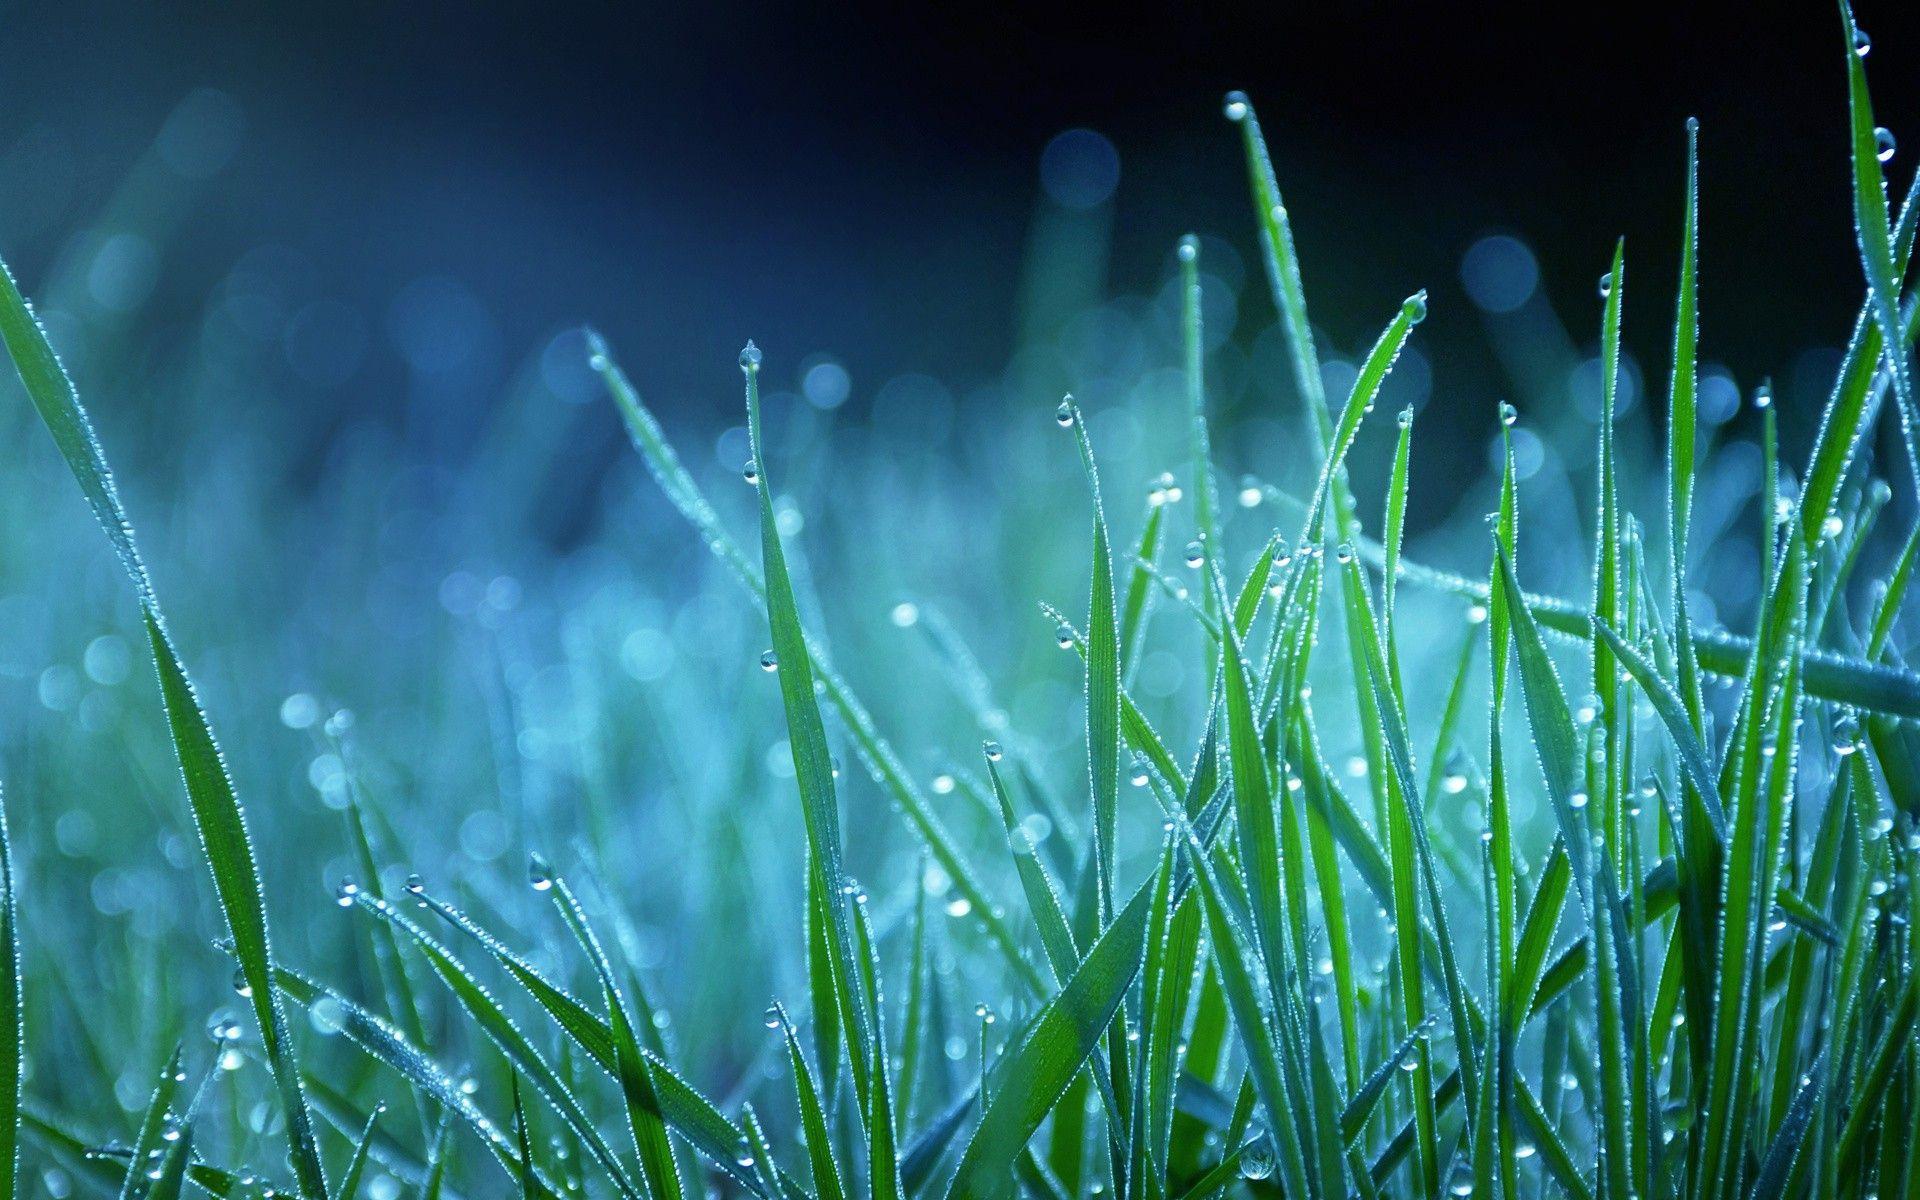 Grass Wallpapers Top Free Grass Backgrounds Wallpaperaccess